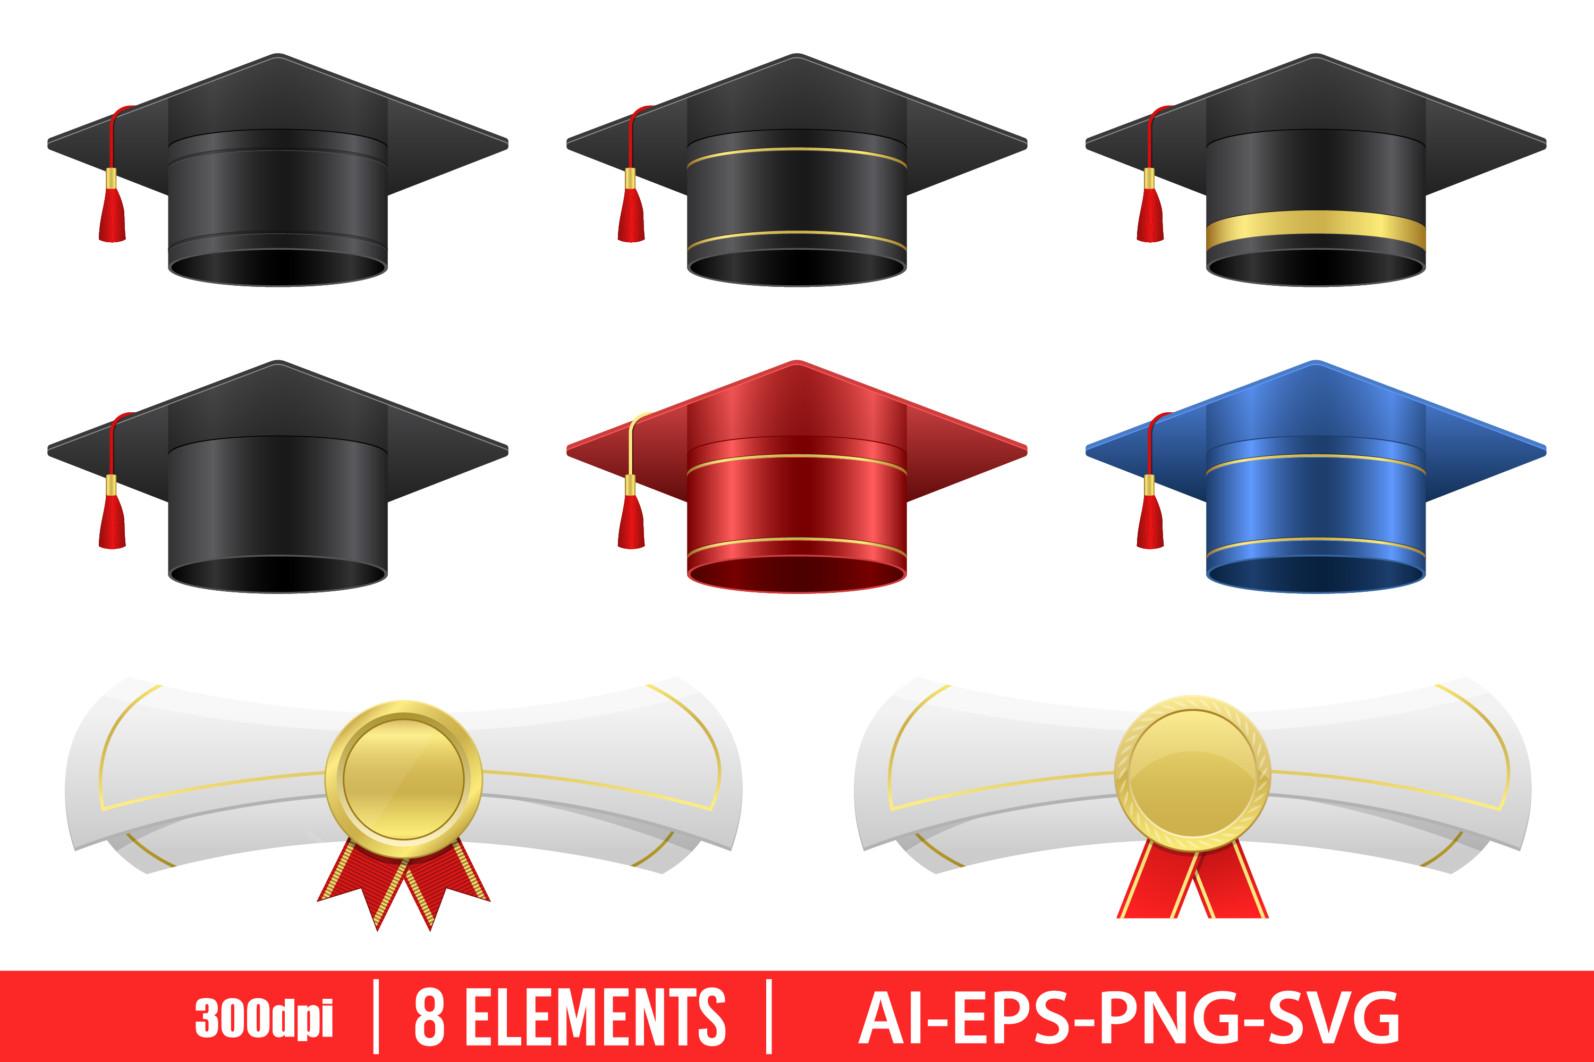 Graduation cap clipart vector design illustration. Graduation set. Vector Clipart Print - GRADUATION CAP 1 scaled -